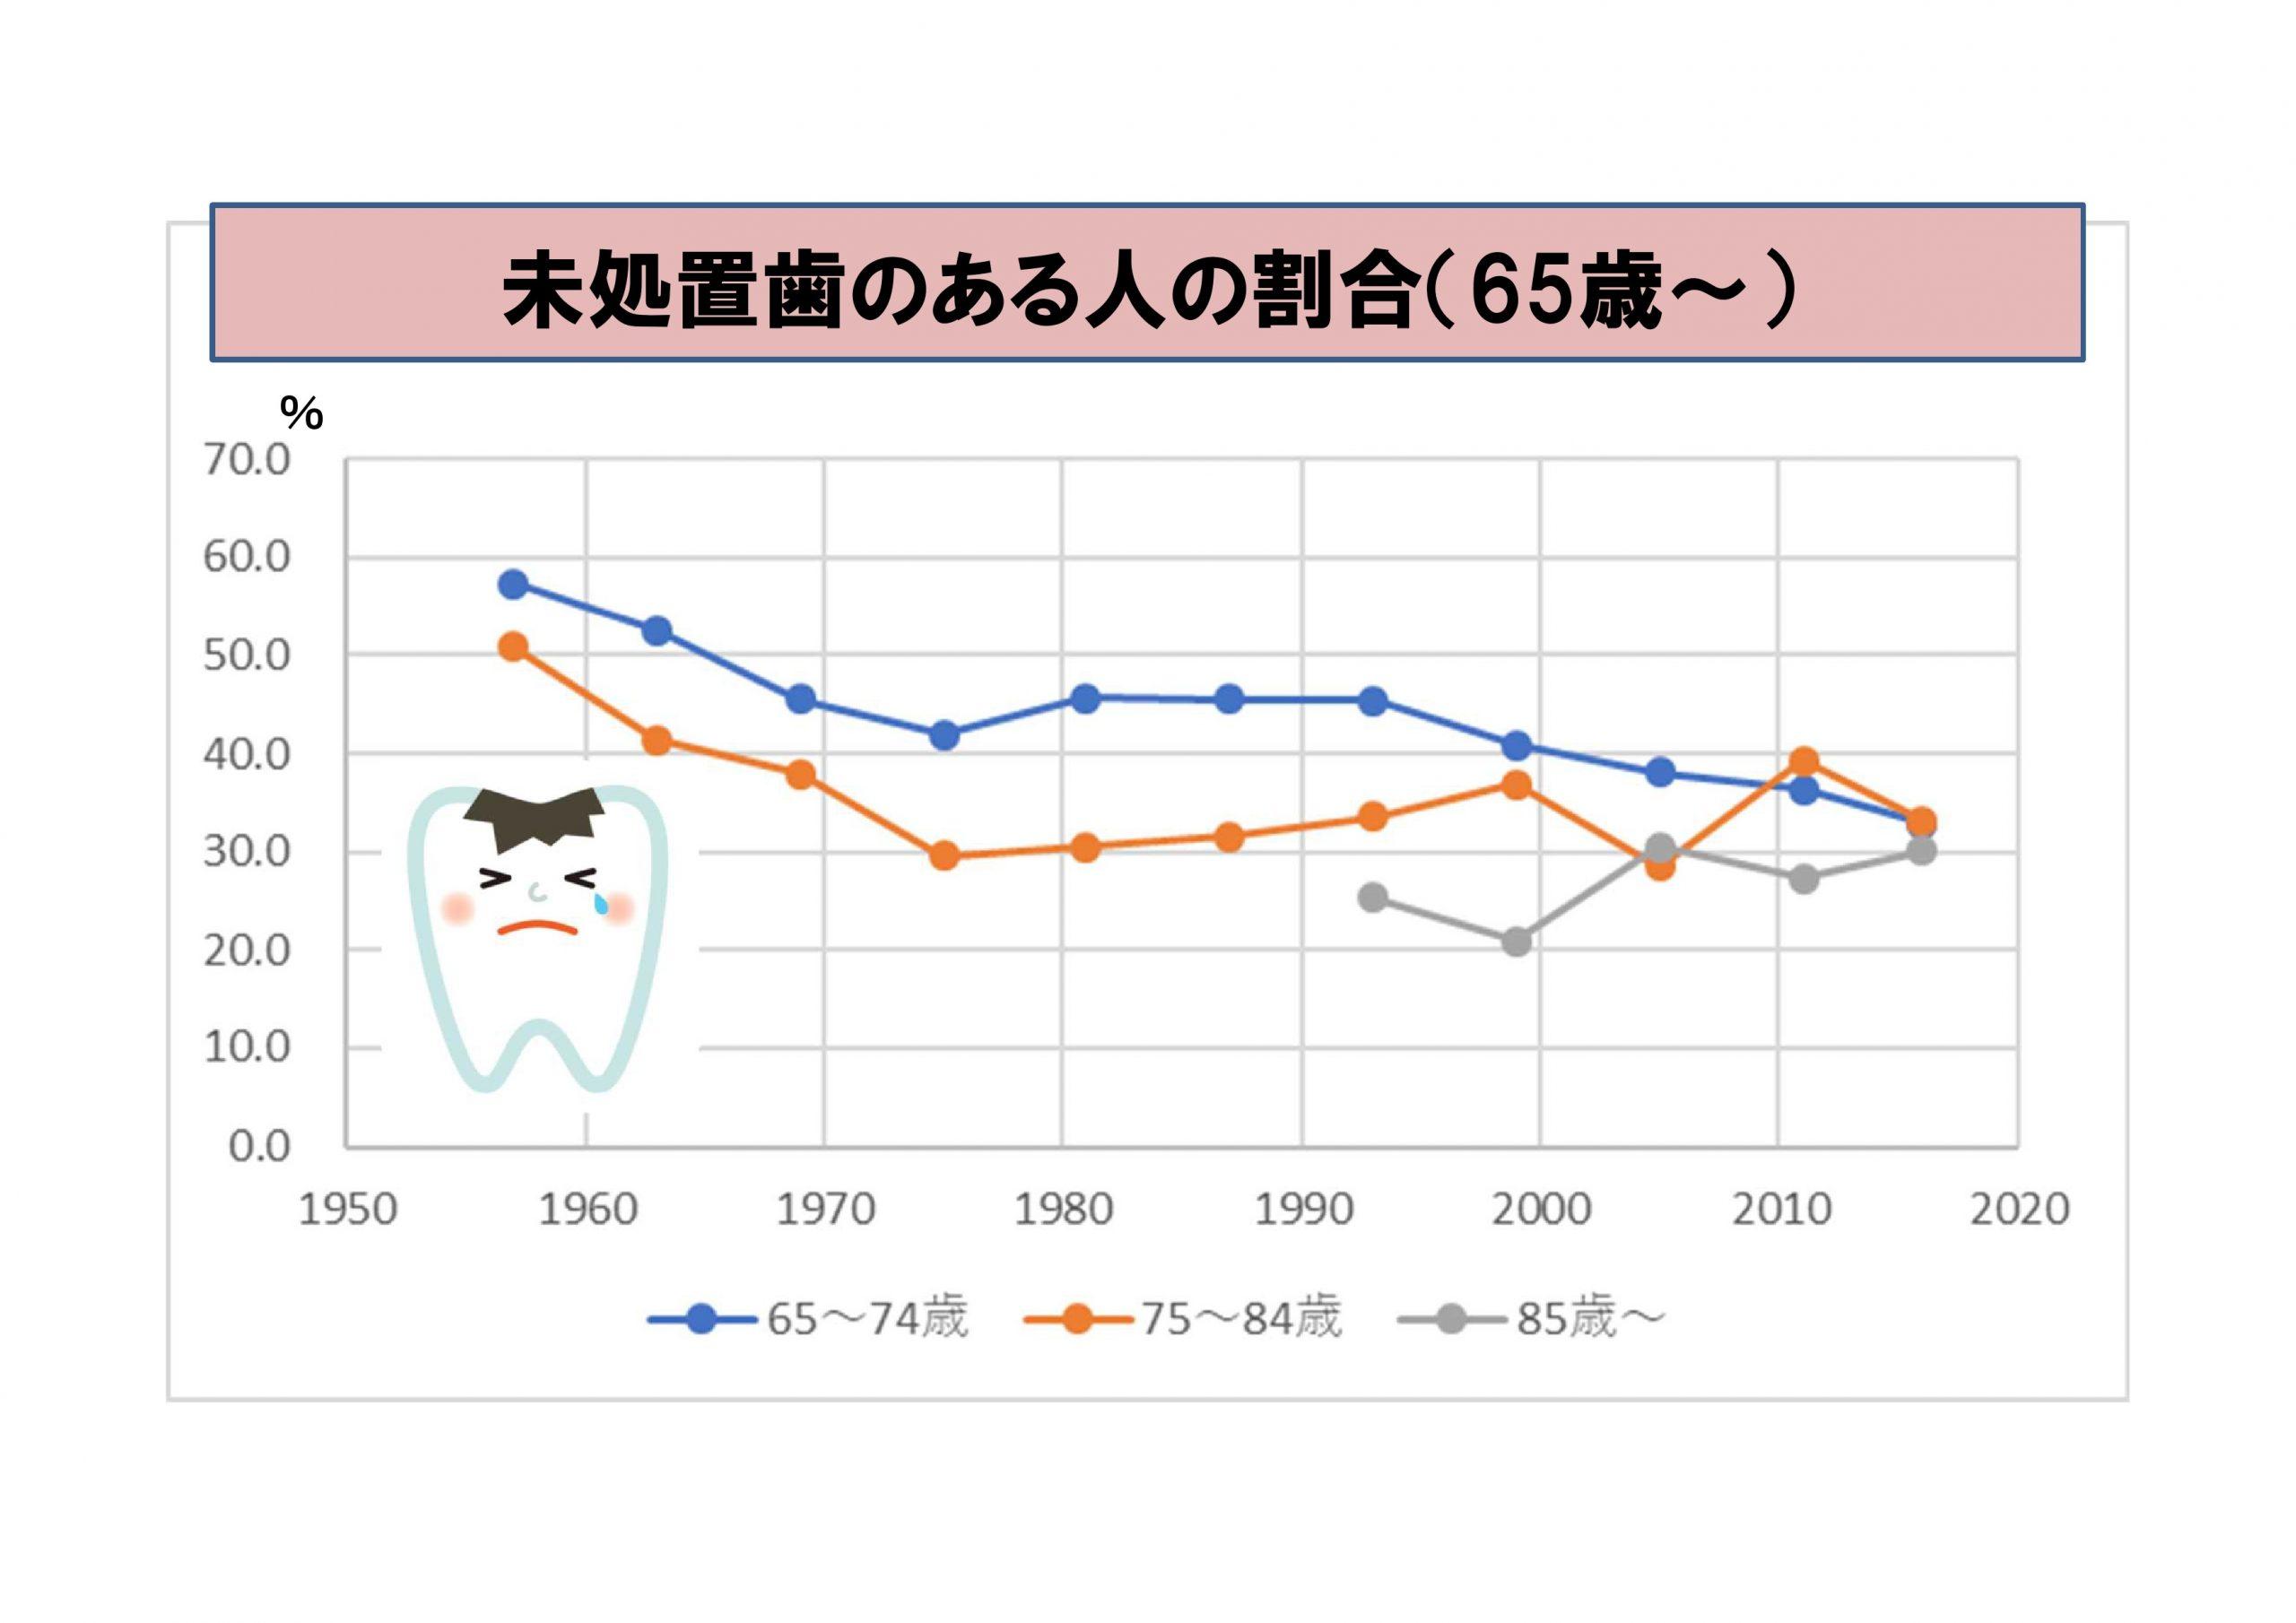 未処置歯のある人の割合(65歳以上)